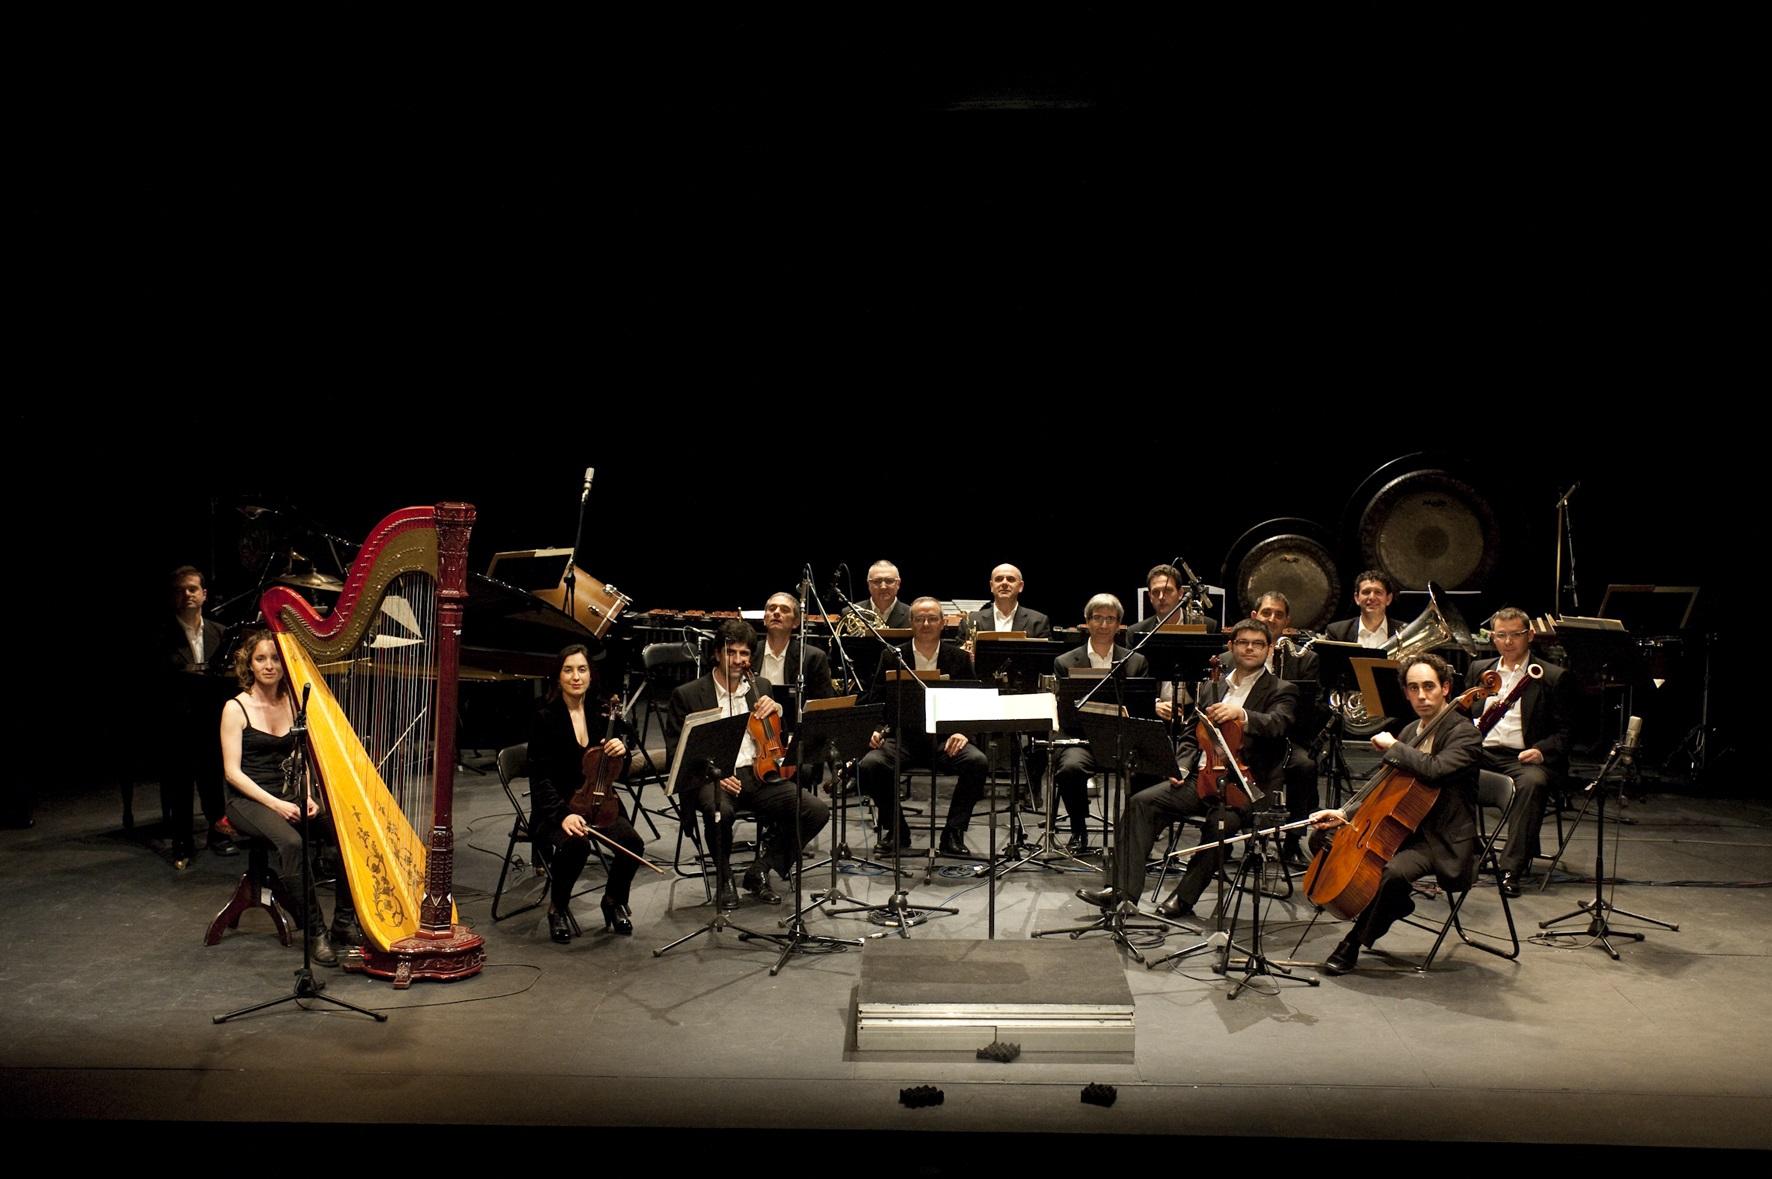 CLAUDE DEBUSSY: L'APRÈS-MIDI D'UN FAUNE